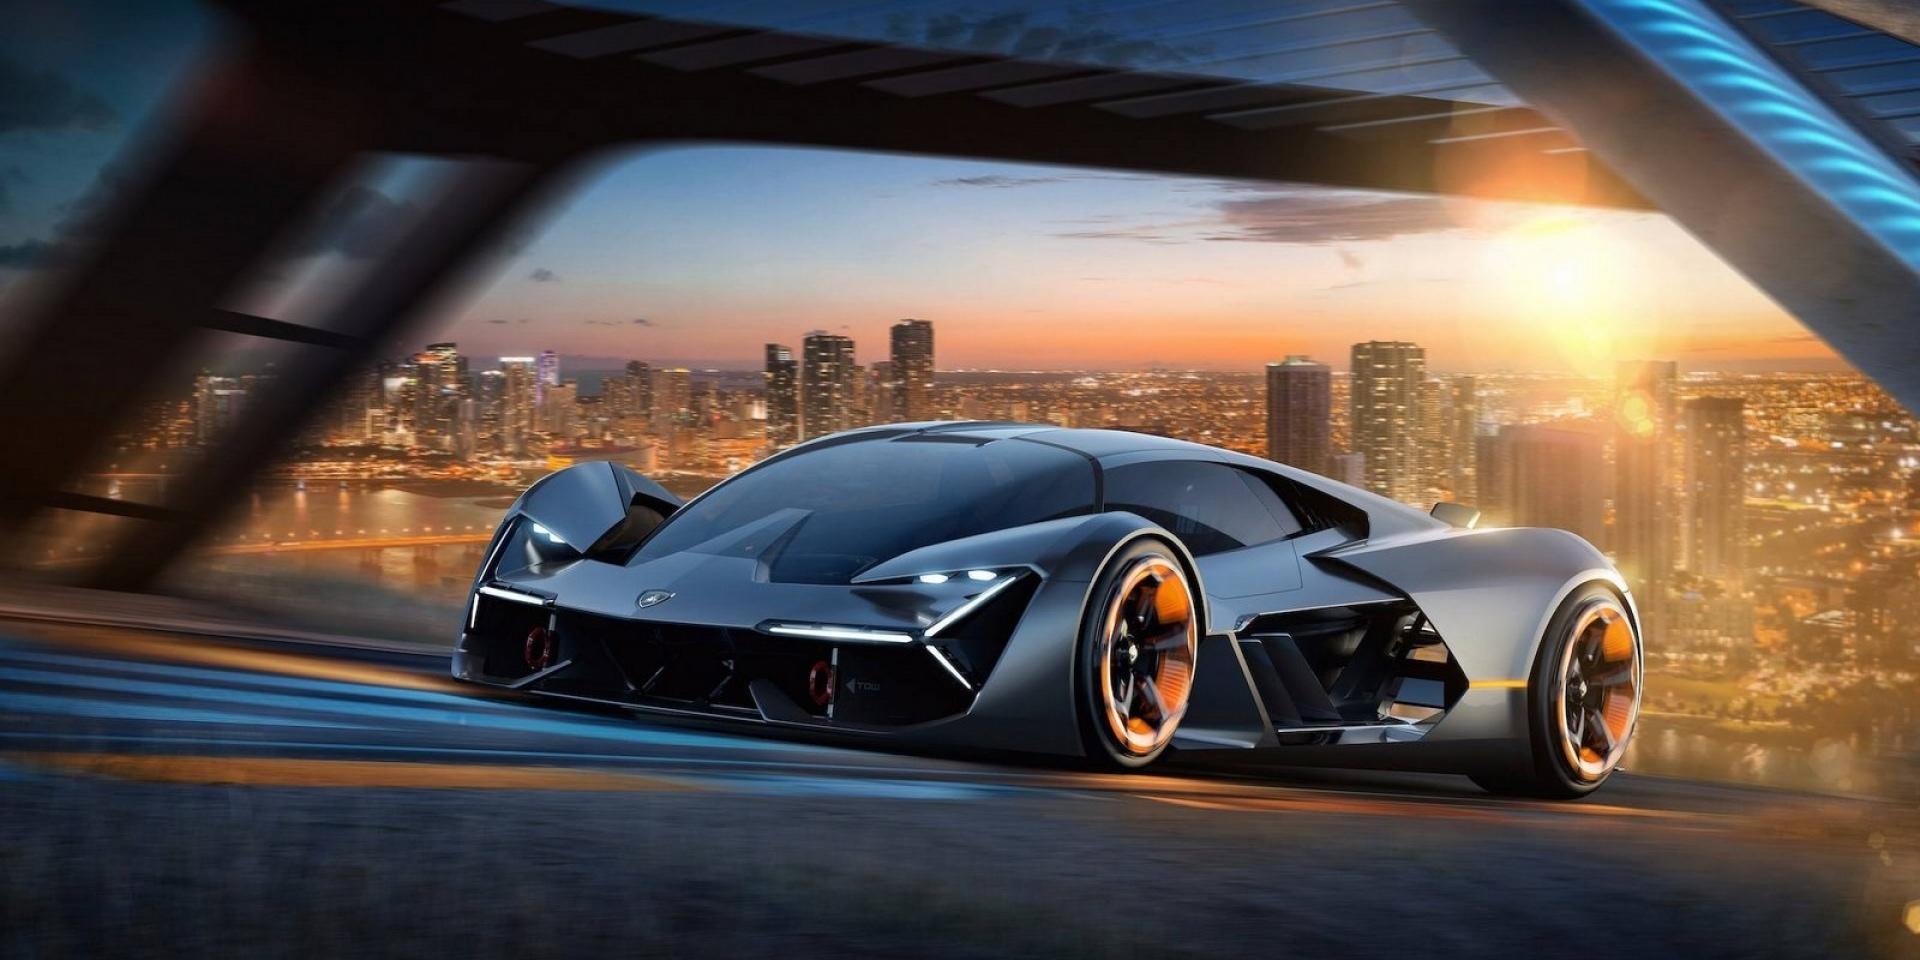 Porsche研發電動超跑平台SPE,將與Lamborghini、Audi共享成果